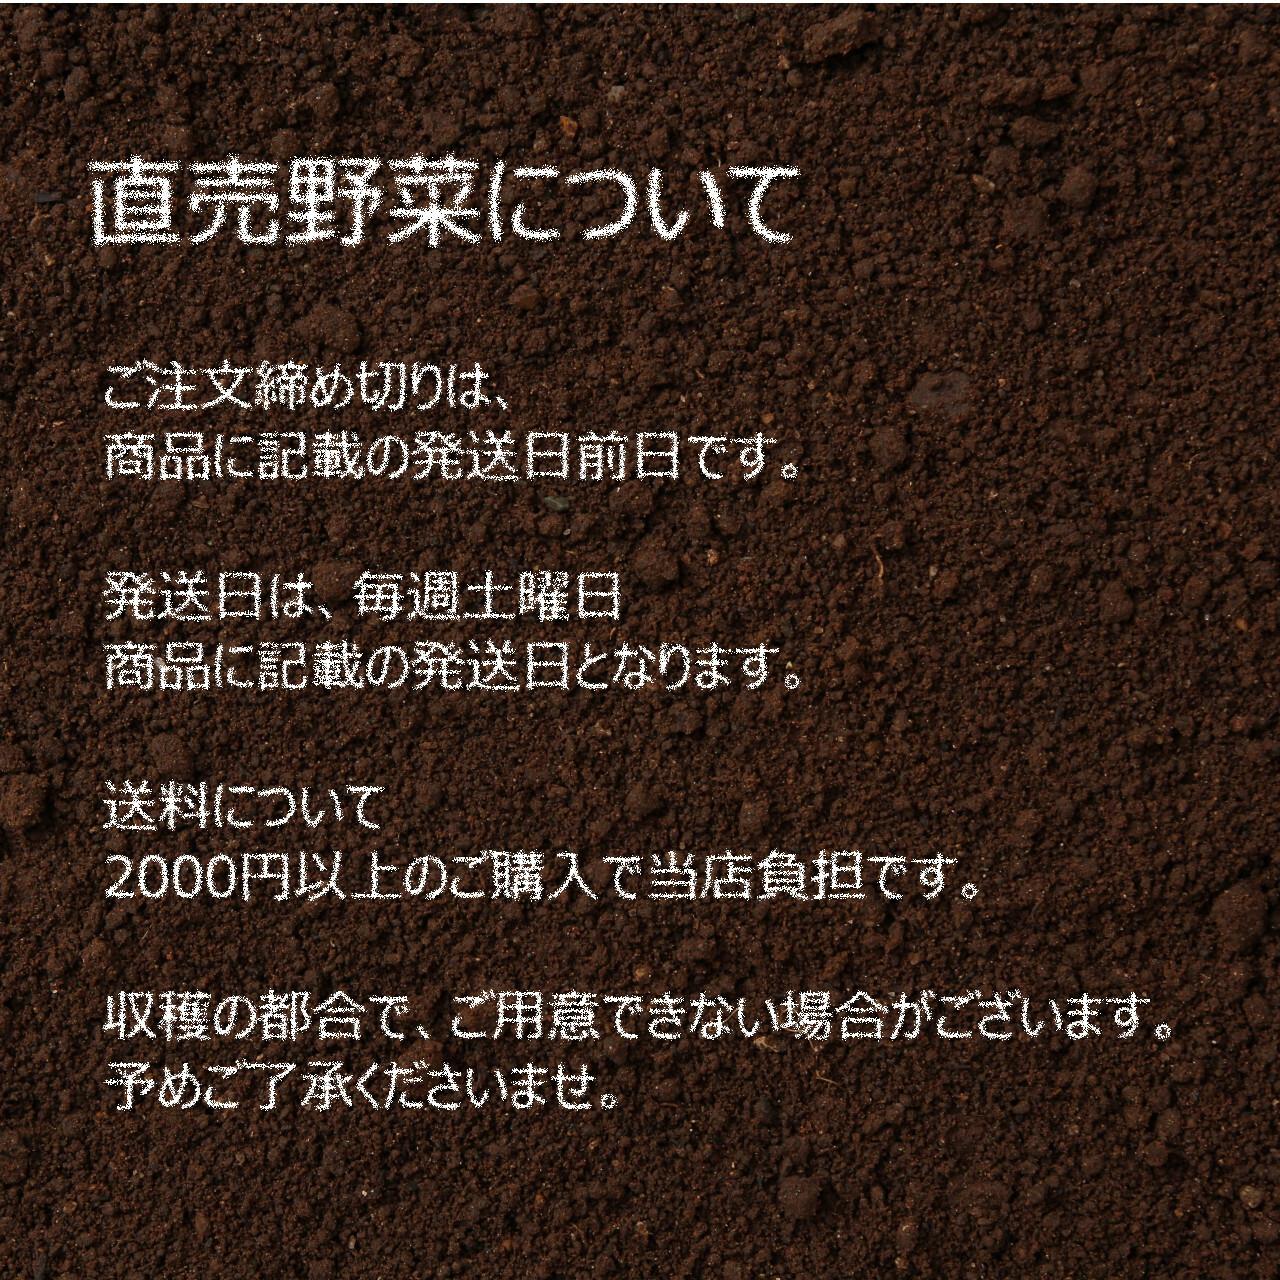 ニラ 約150g : 6月の朝採り直売野菜 春の新鮮野菜 6月13日発送予定